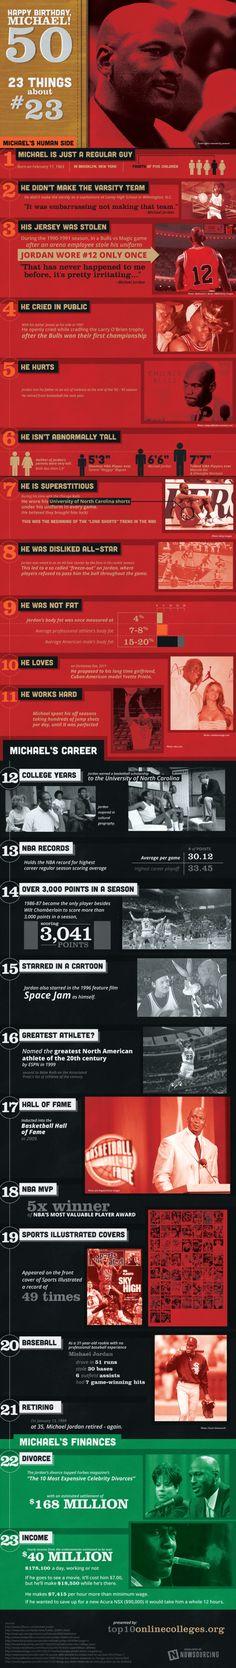 Infographic: Michael Jordan vs. Kobe Bryant vs. LeBron James ...